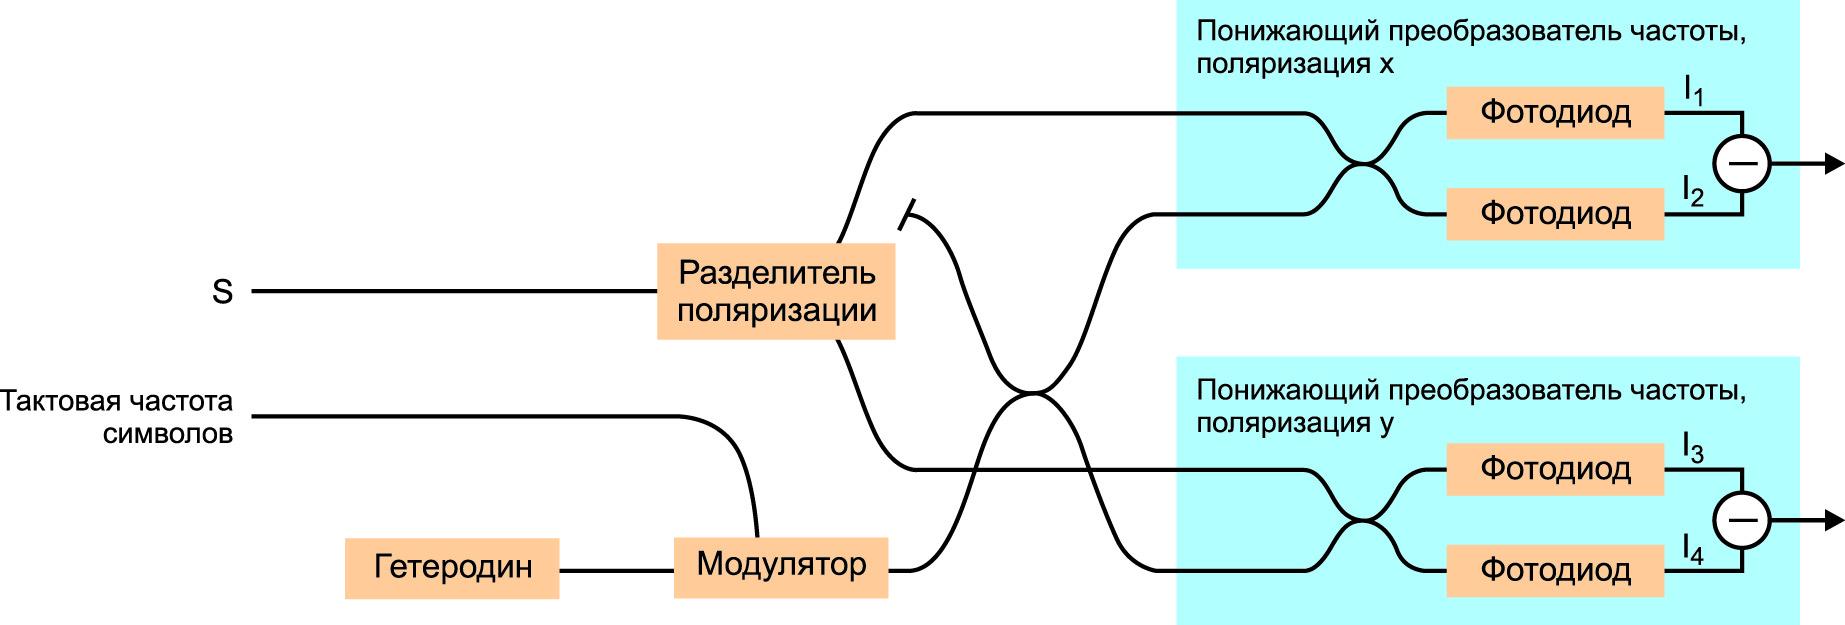 Схема когерентного частотного детектирования с разделением по поляризации